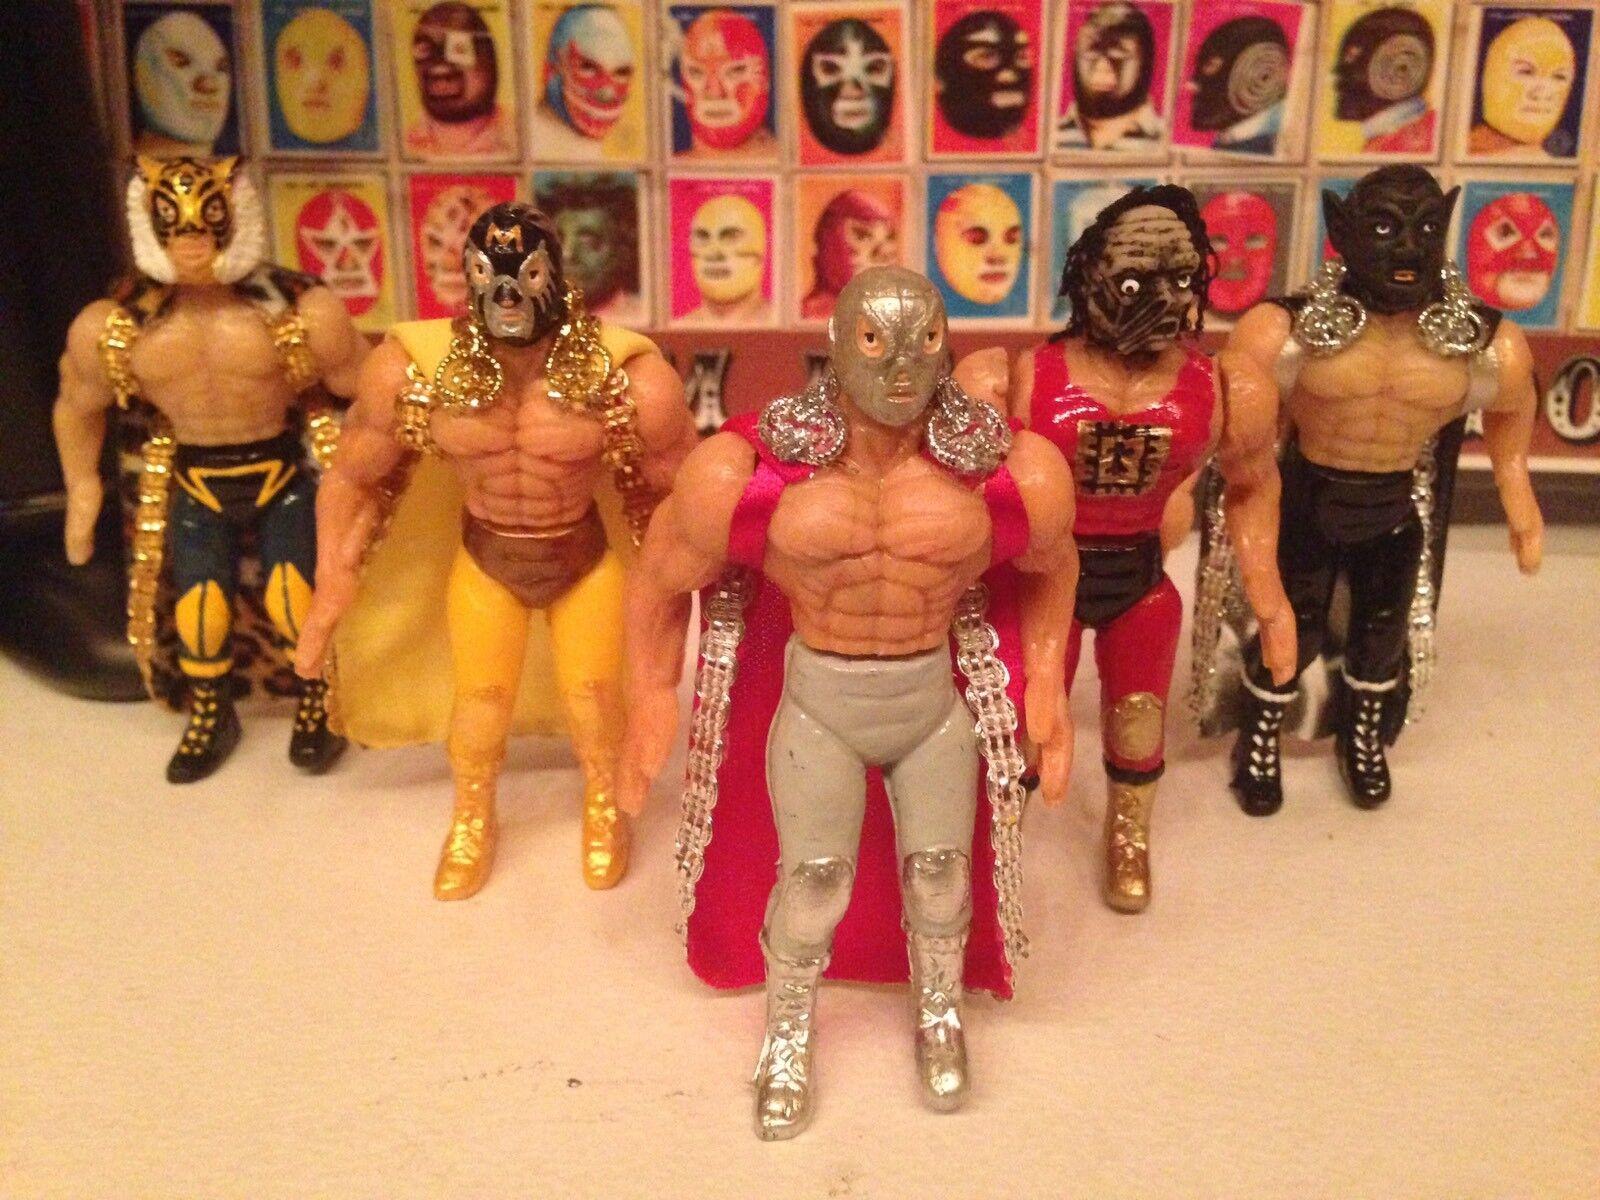 lucha libre film wrestling action figure personalizzate, sacco 5 di 5 sacco  12 cm ddc1a9